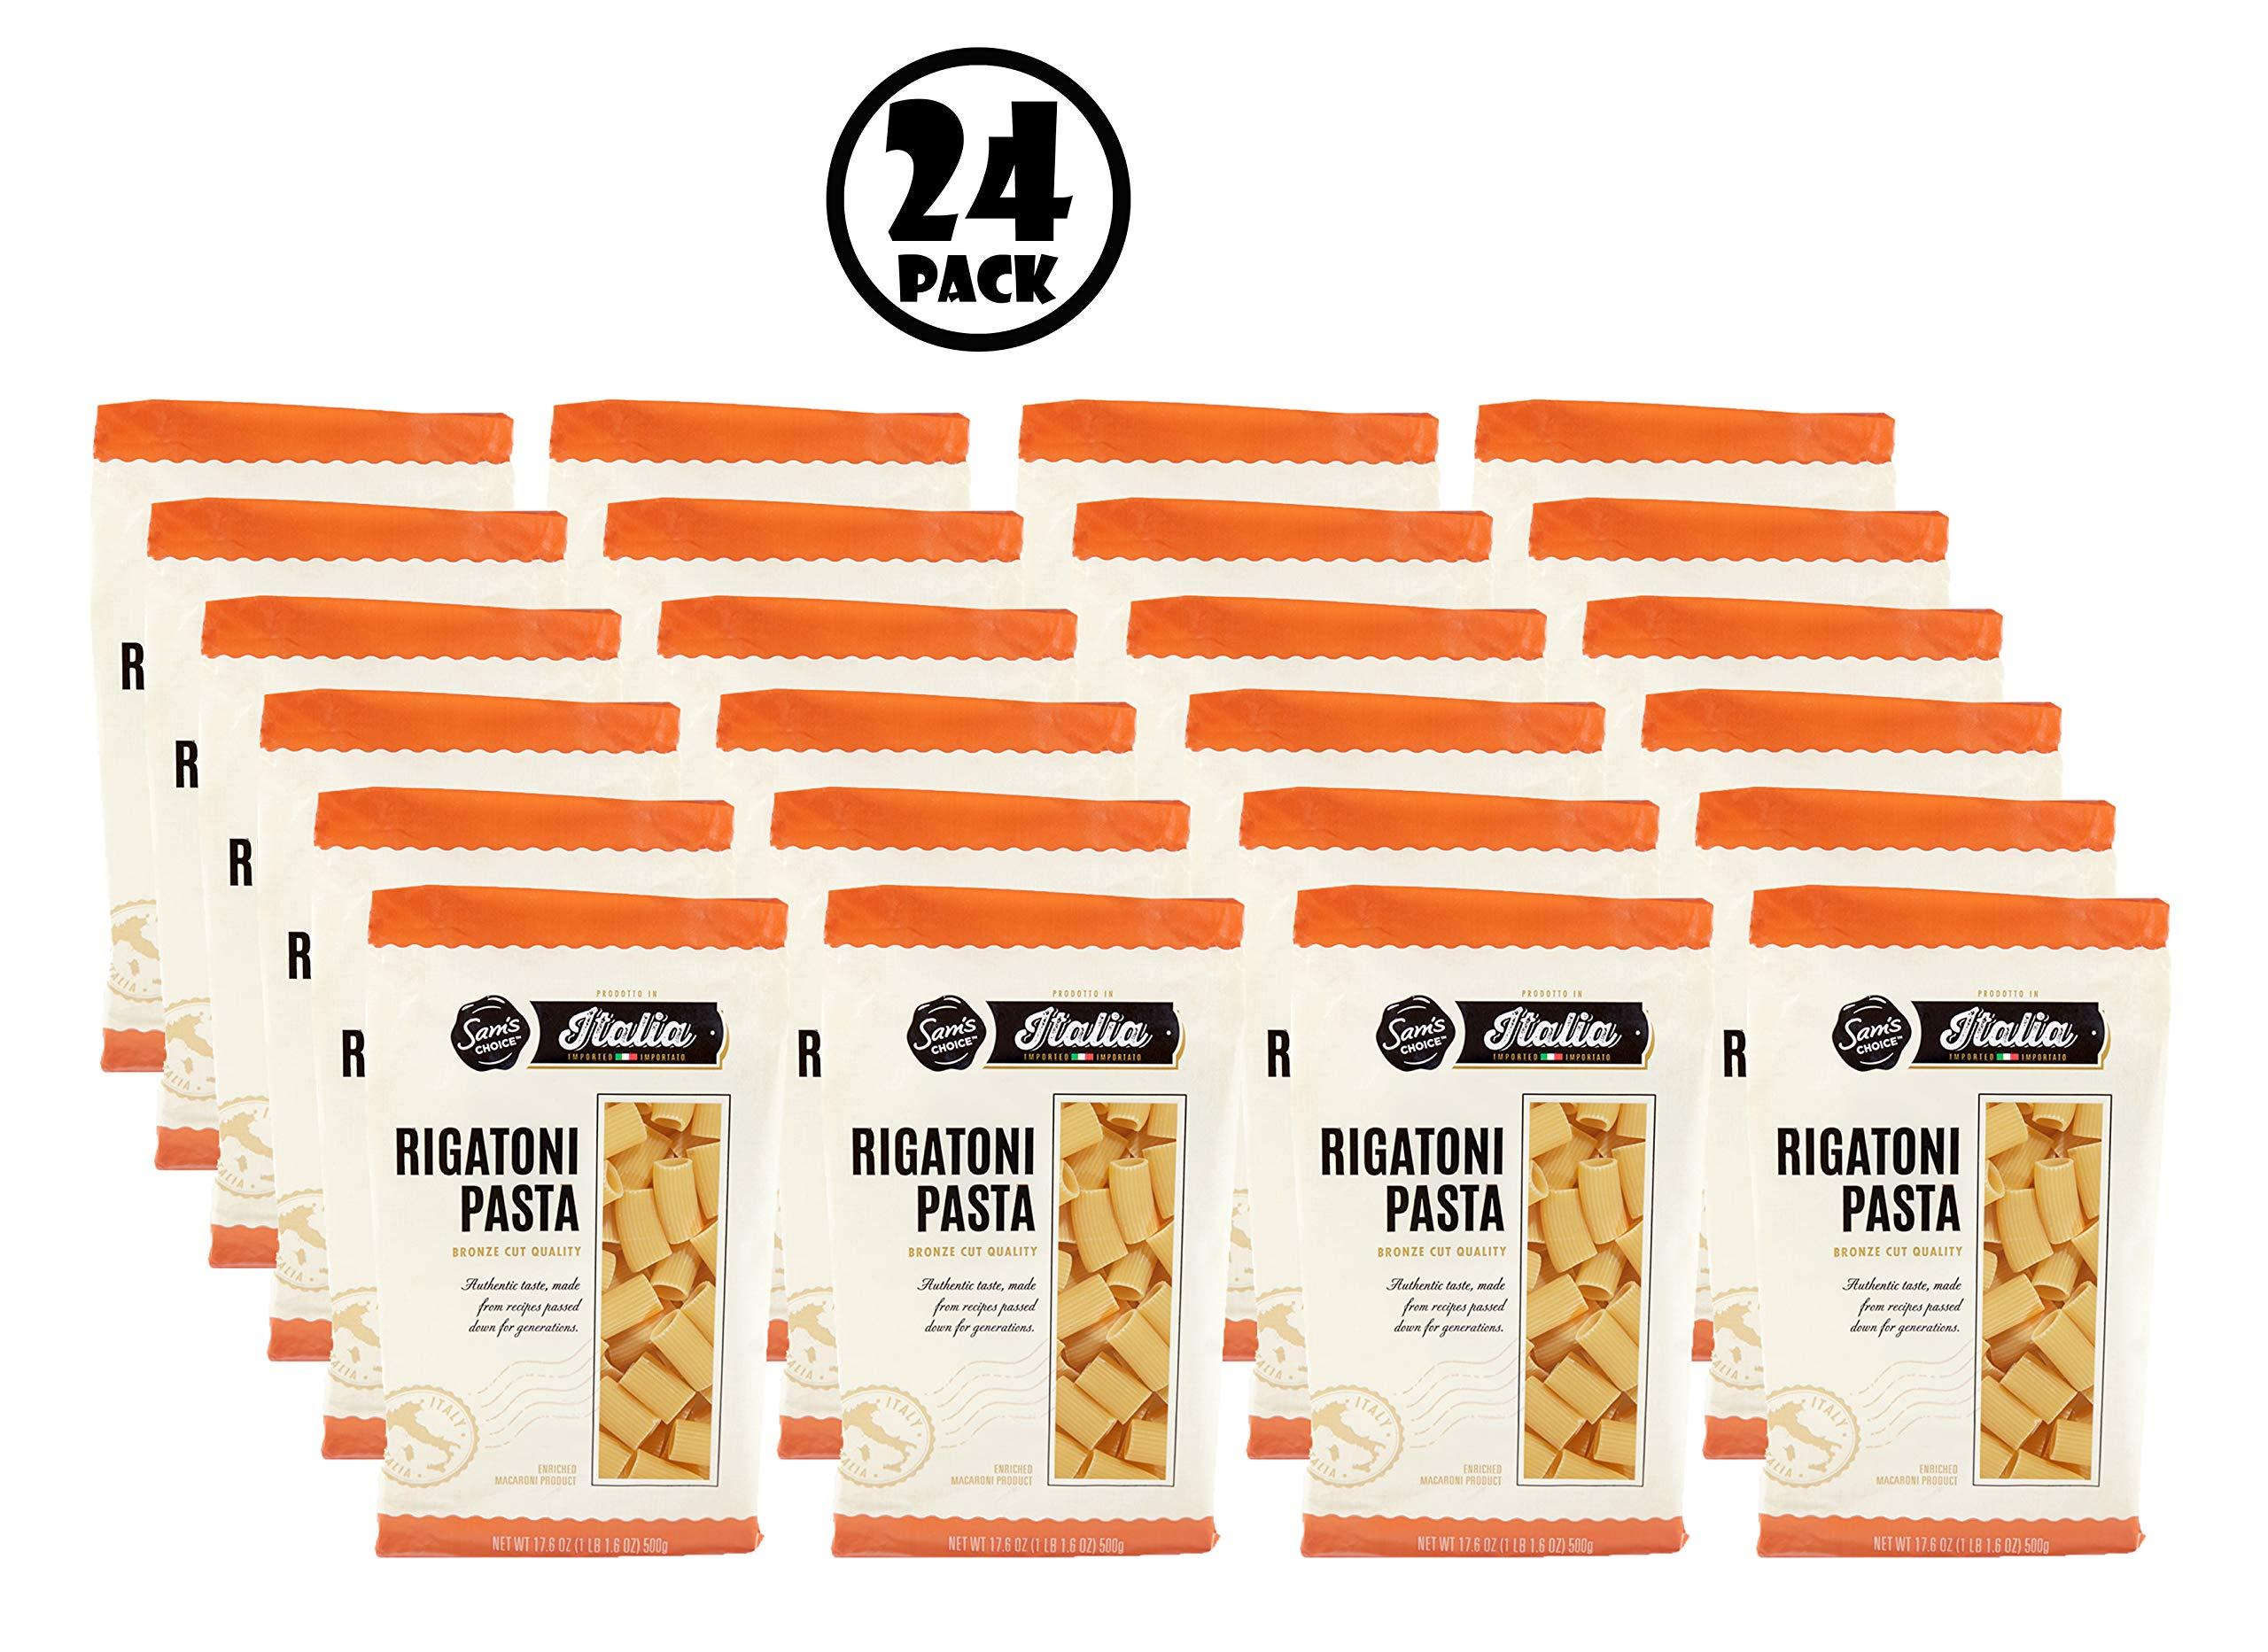 (24 Pack) Sam's Choice Italia Rigatoni Pasta, 500g by Sam's Choice